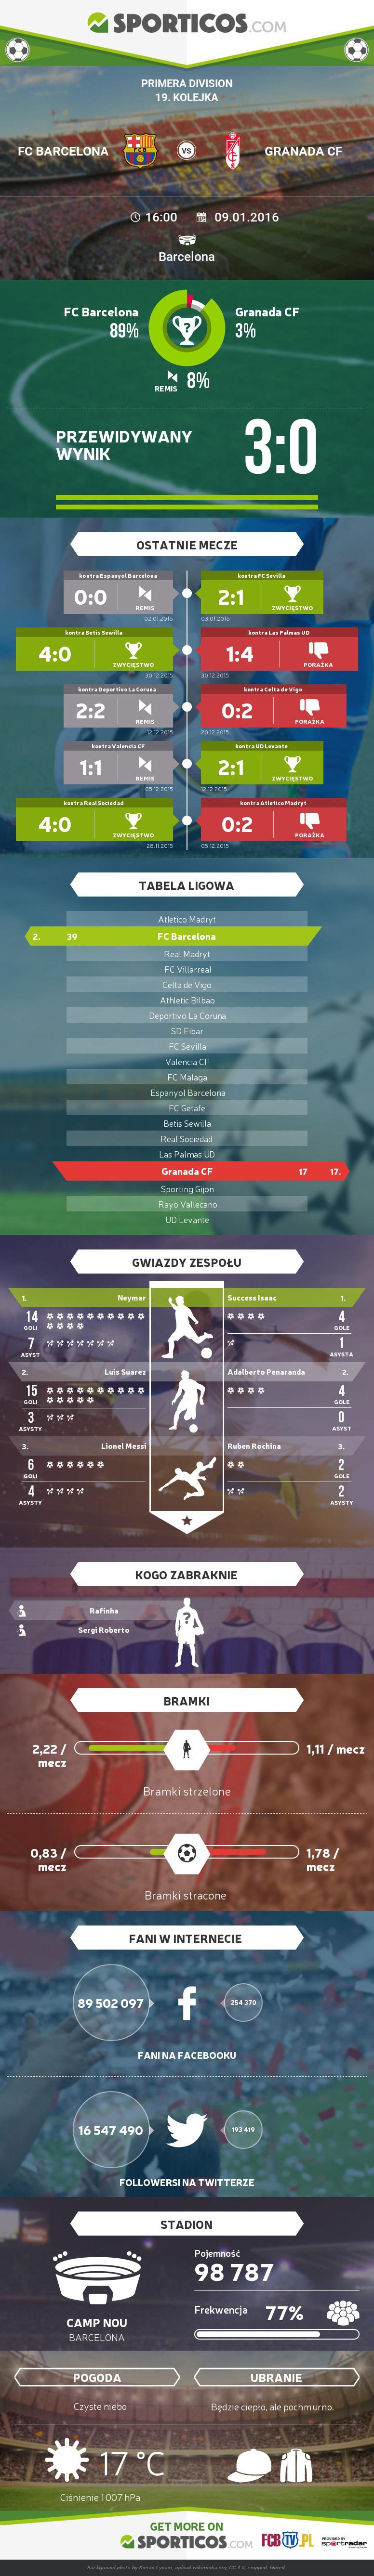 Sporticos_com_fc_barcelona_vs_granada_cf